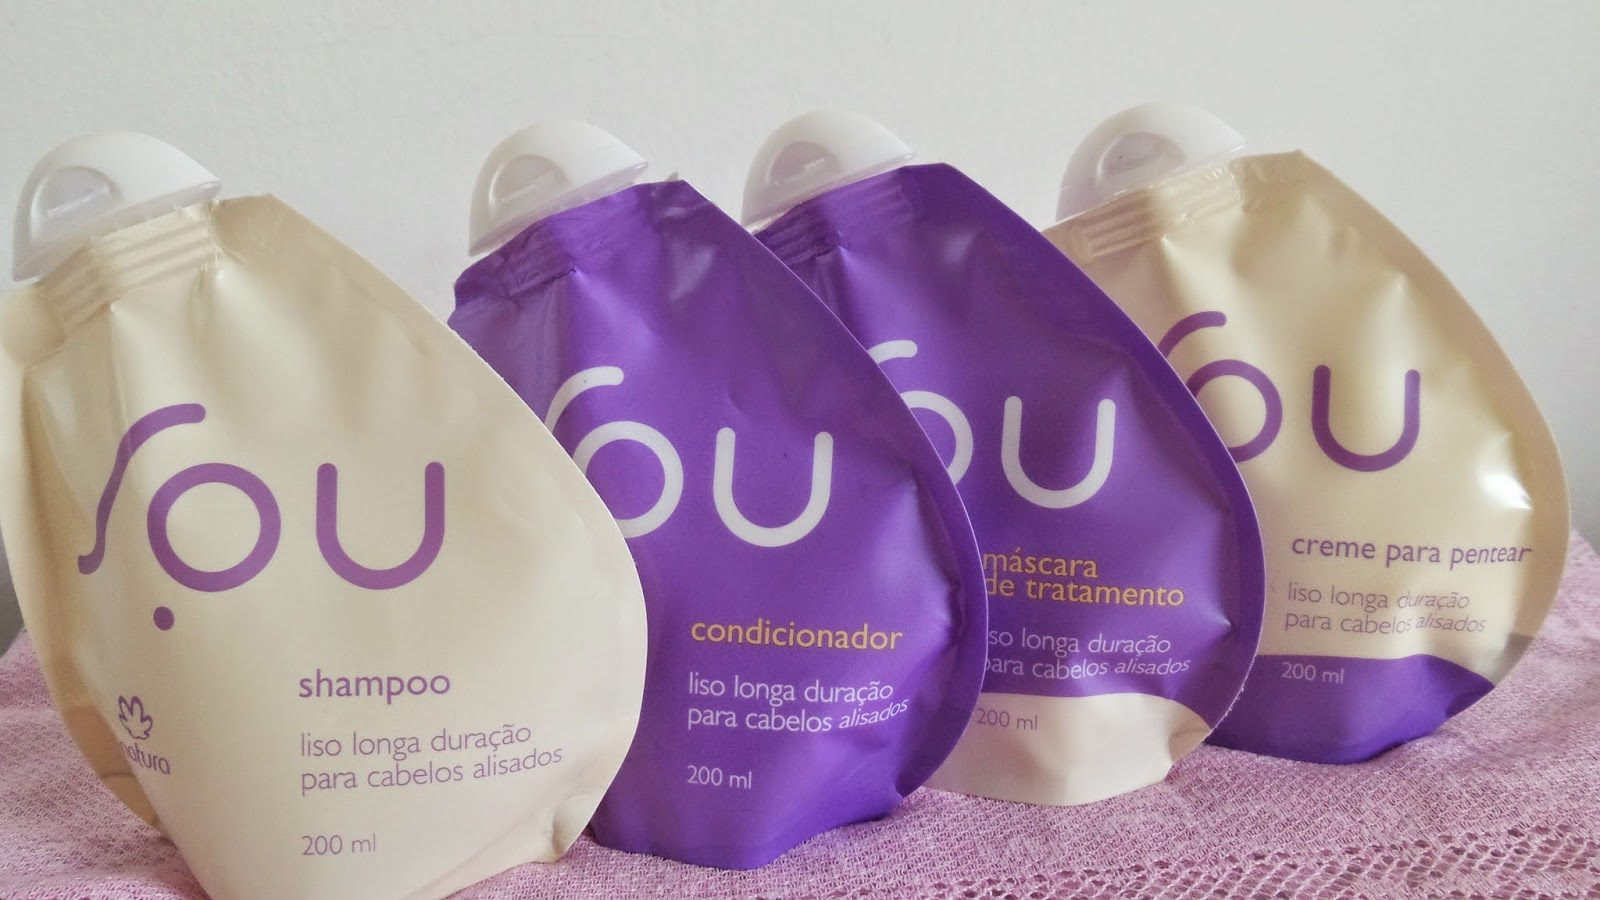 Natura SOU Liso Longa duração  shampoo, condicionador, mascara de tratamento e creme de pentear